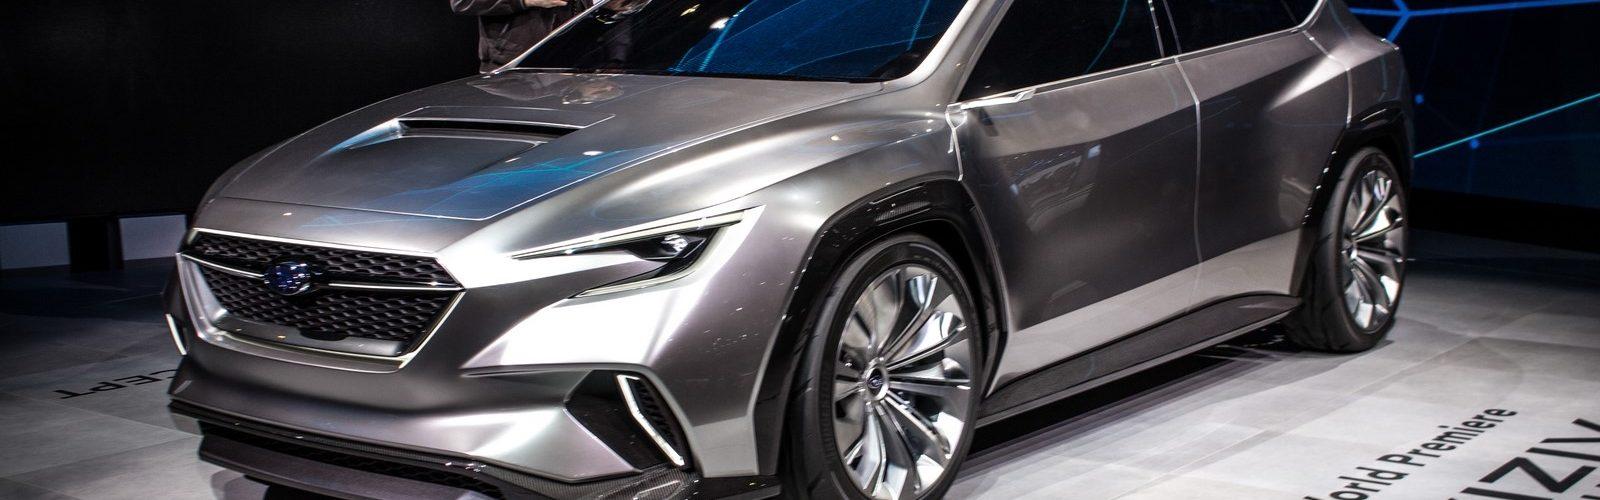 Geneve 2018 Subaru LeNouvelAutomobiliste 13